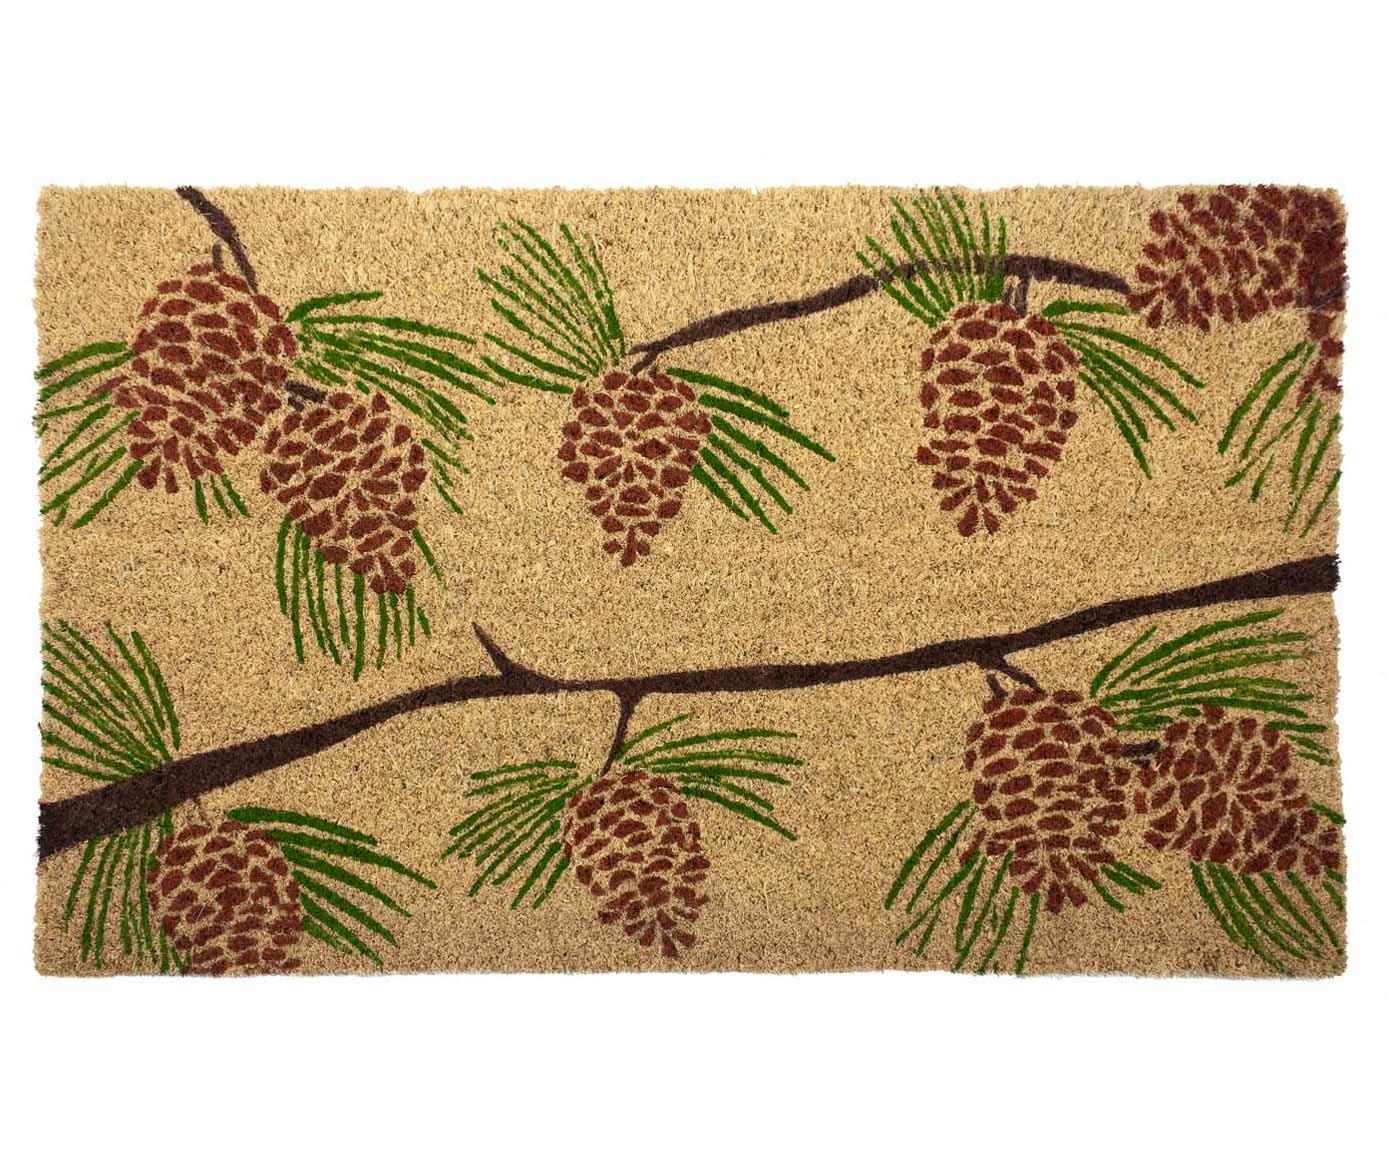 Zerbino in cocco con pigne Pine Cones, Retro: PVC, Beige, verde, rosso, marrone, Larg. 43 x Lung. 70 cm